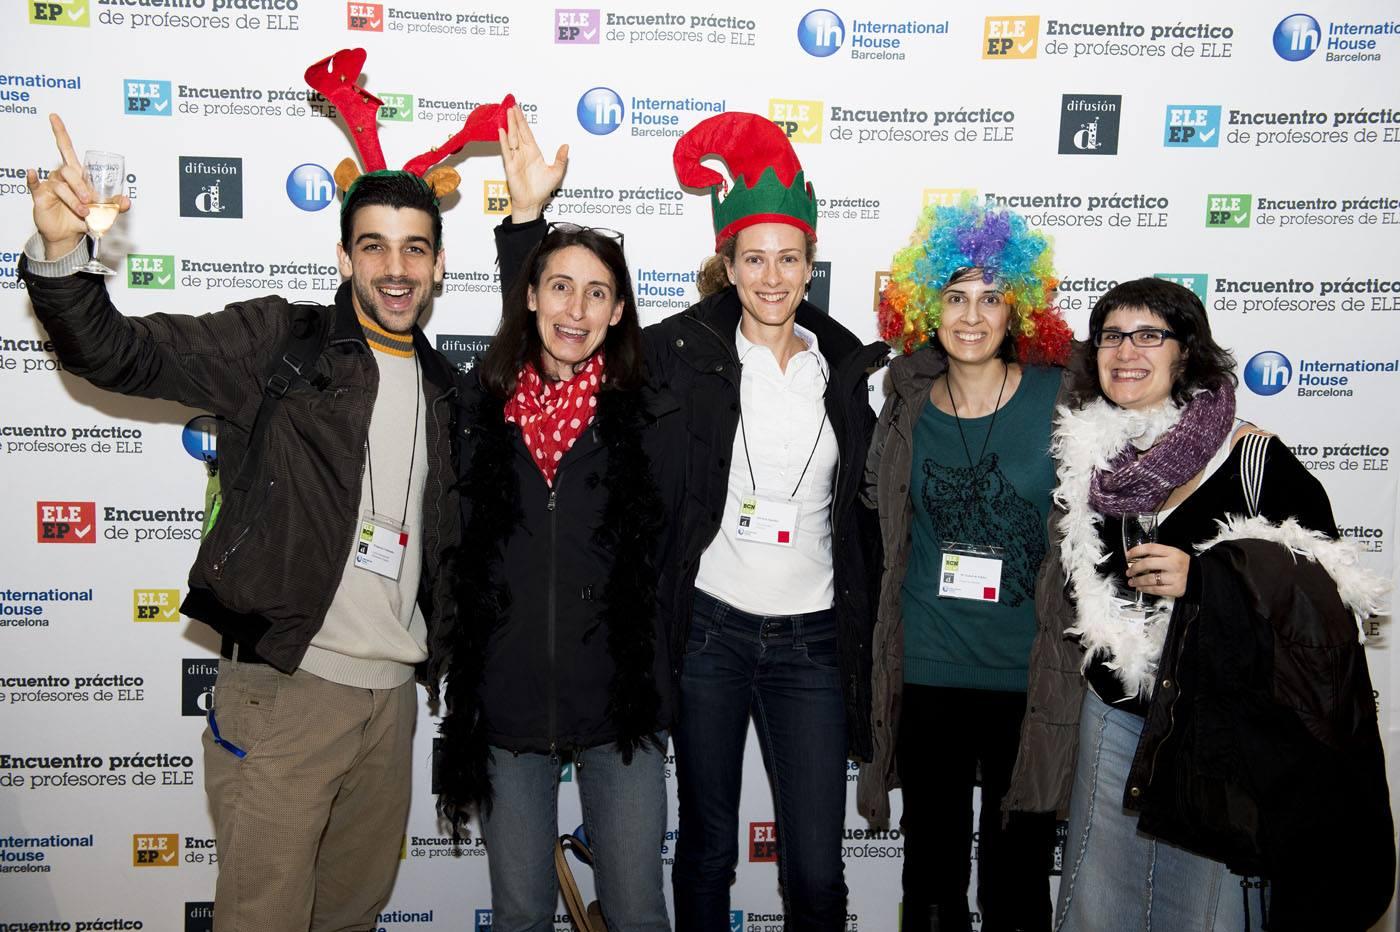 Foto del Encuentro Práctico ELE Barcelona de diciembre de 2015